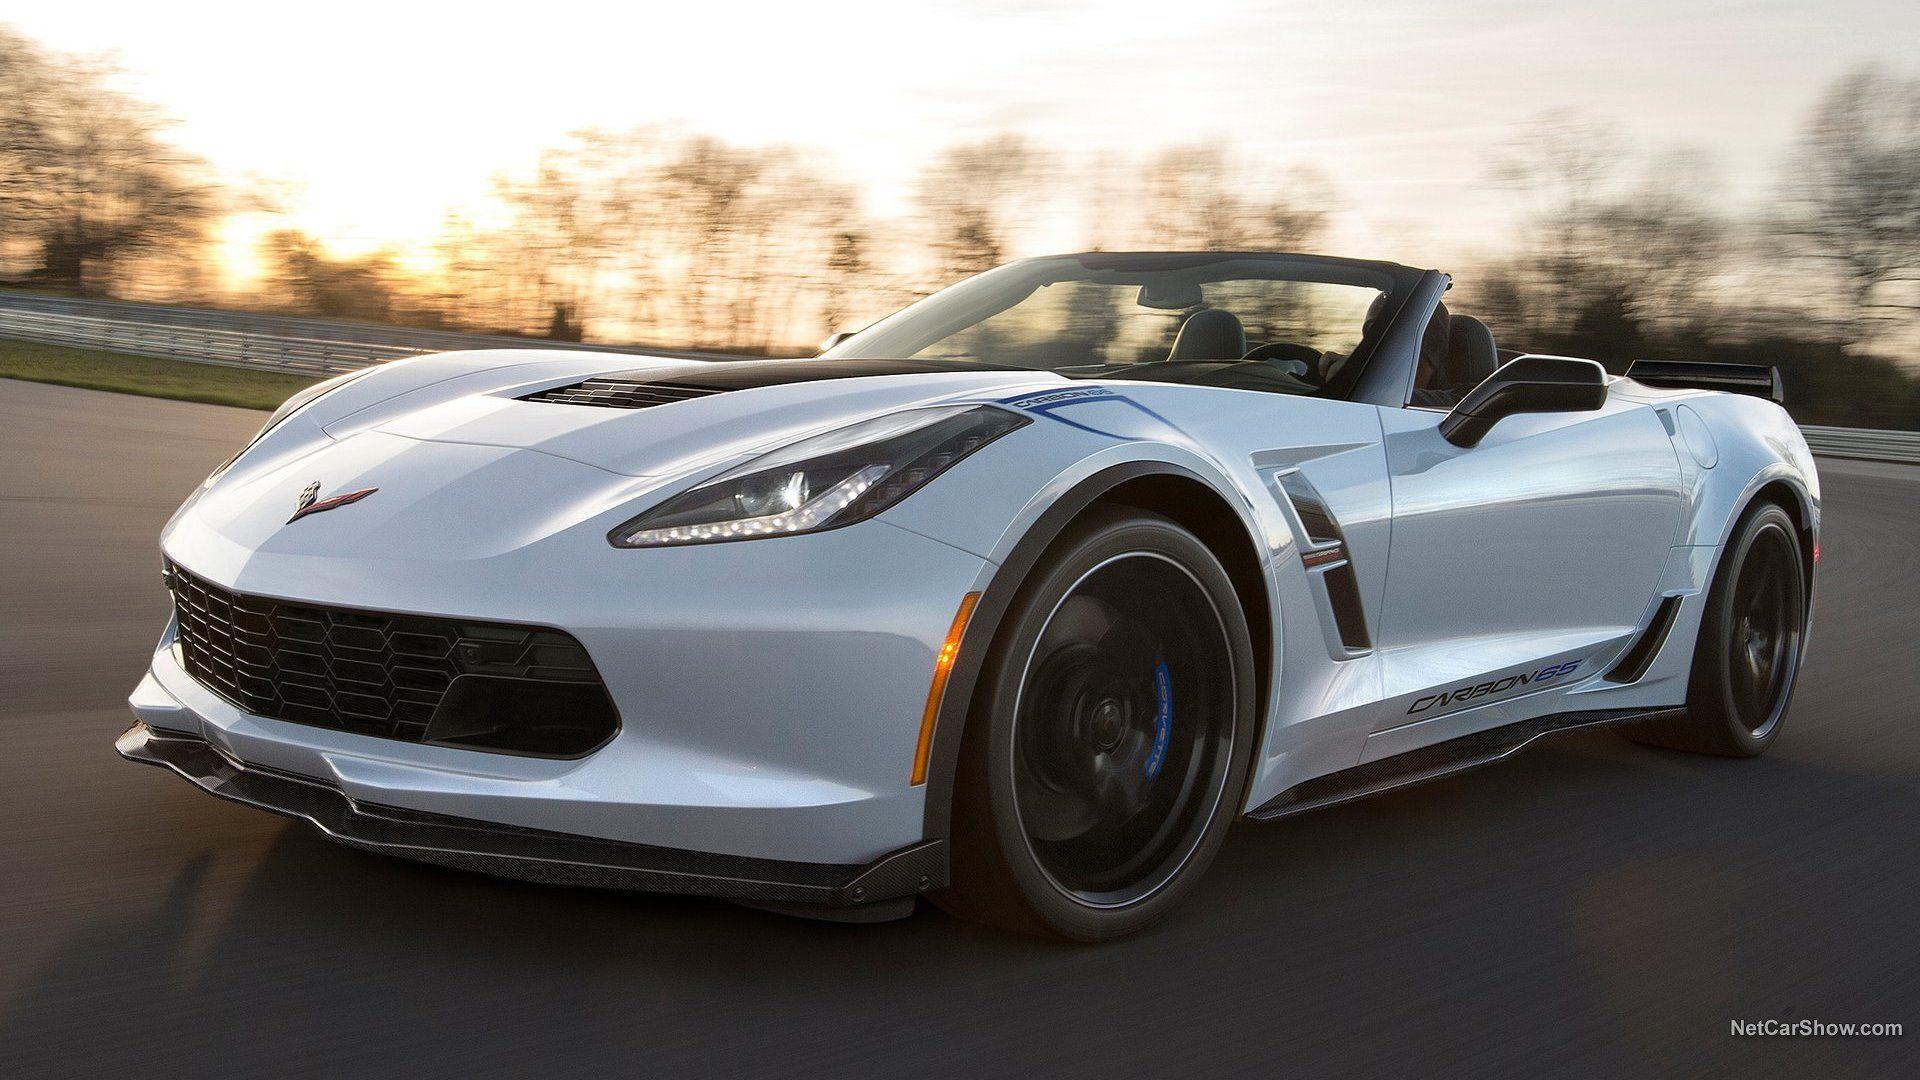 Chevrolet 2018 Corvette Carbon 65 Edition